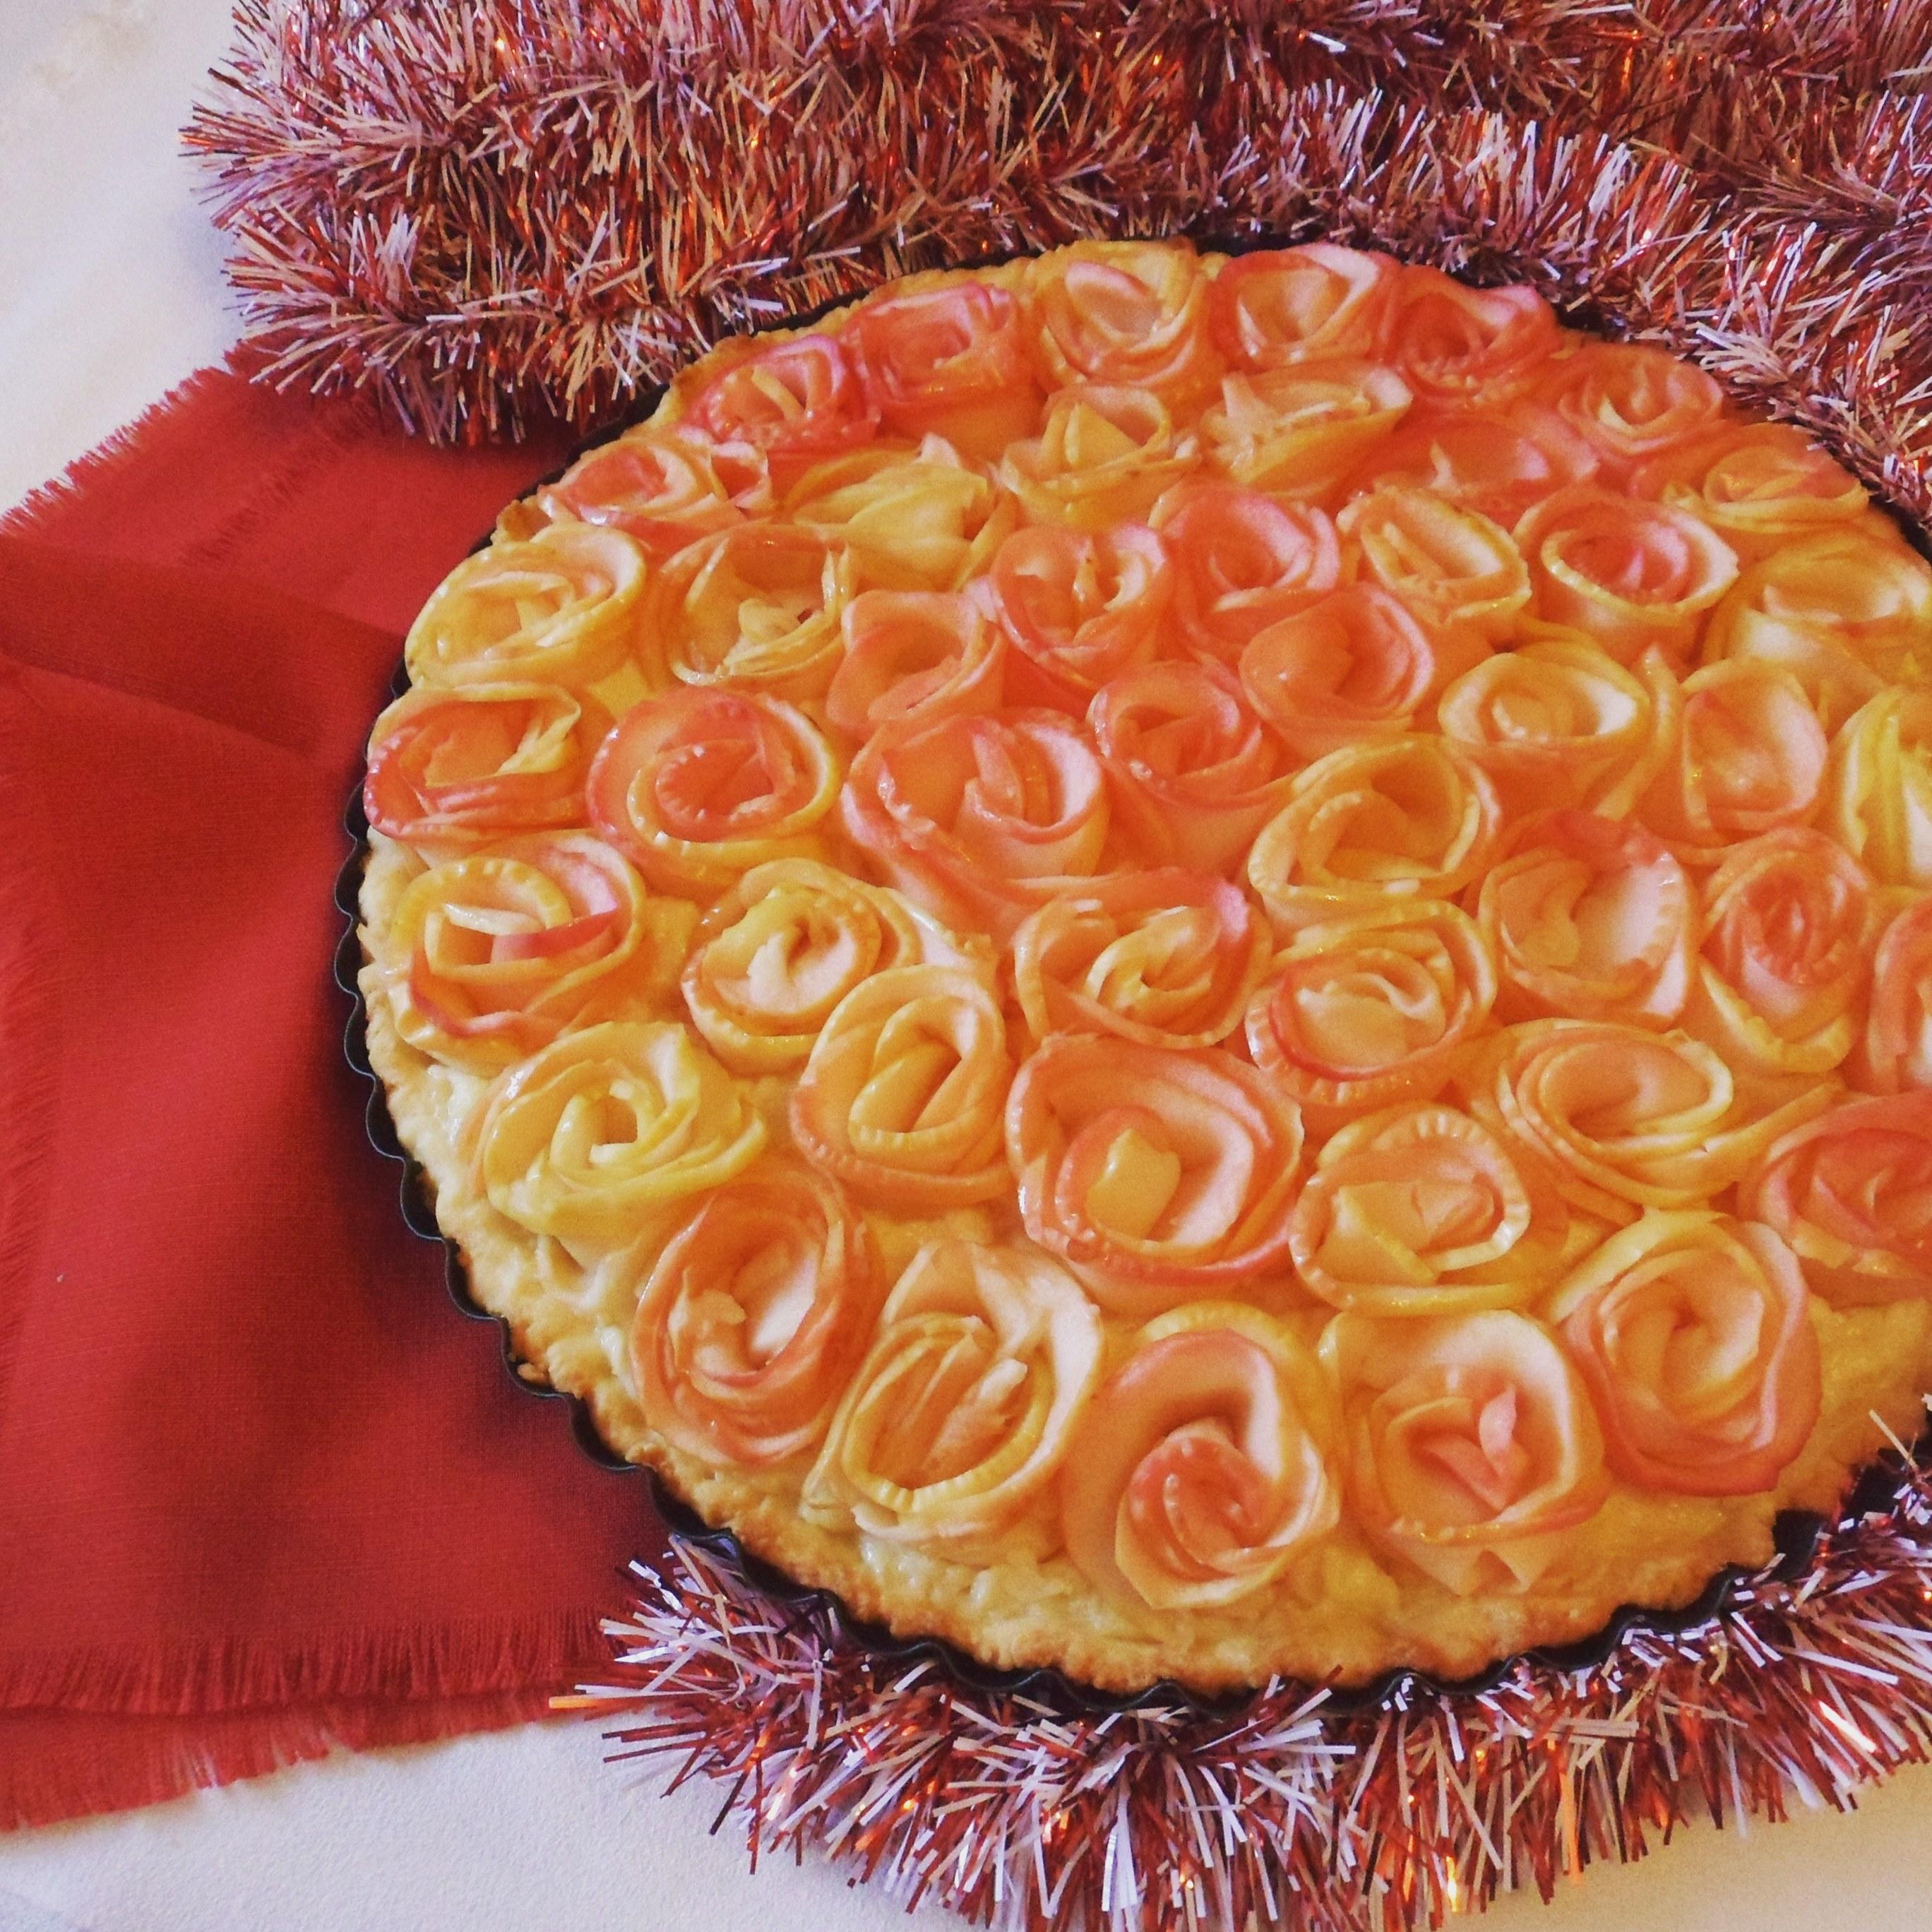 также яблочный пирог роза рецепт с фото говорить дамской сумочке